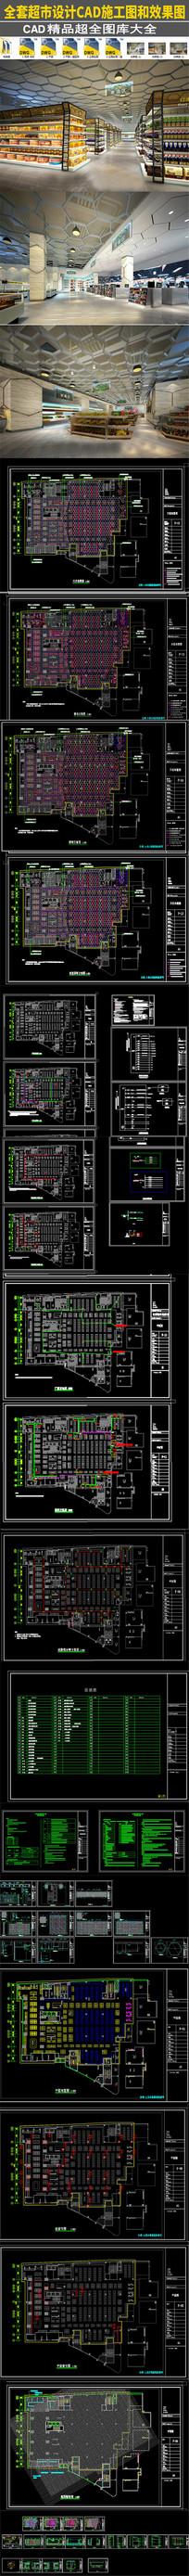 全套大型时尚超市设计CAD施工图和效果图